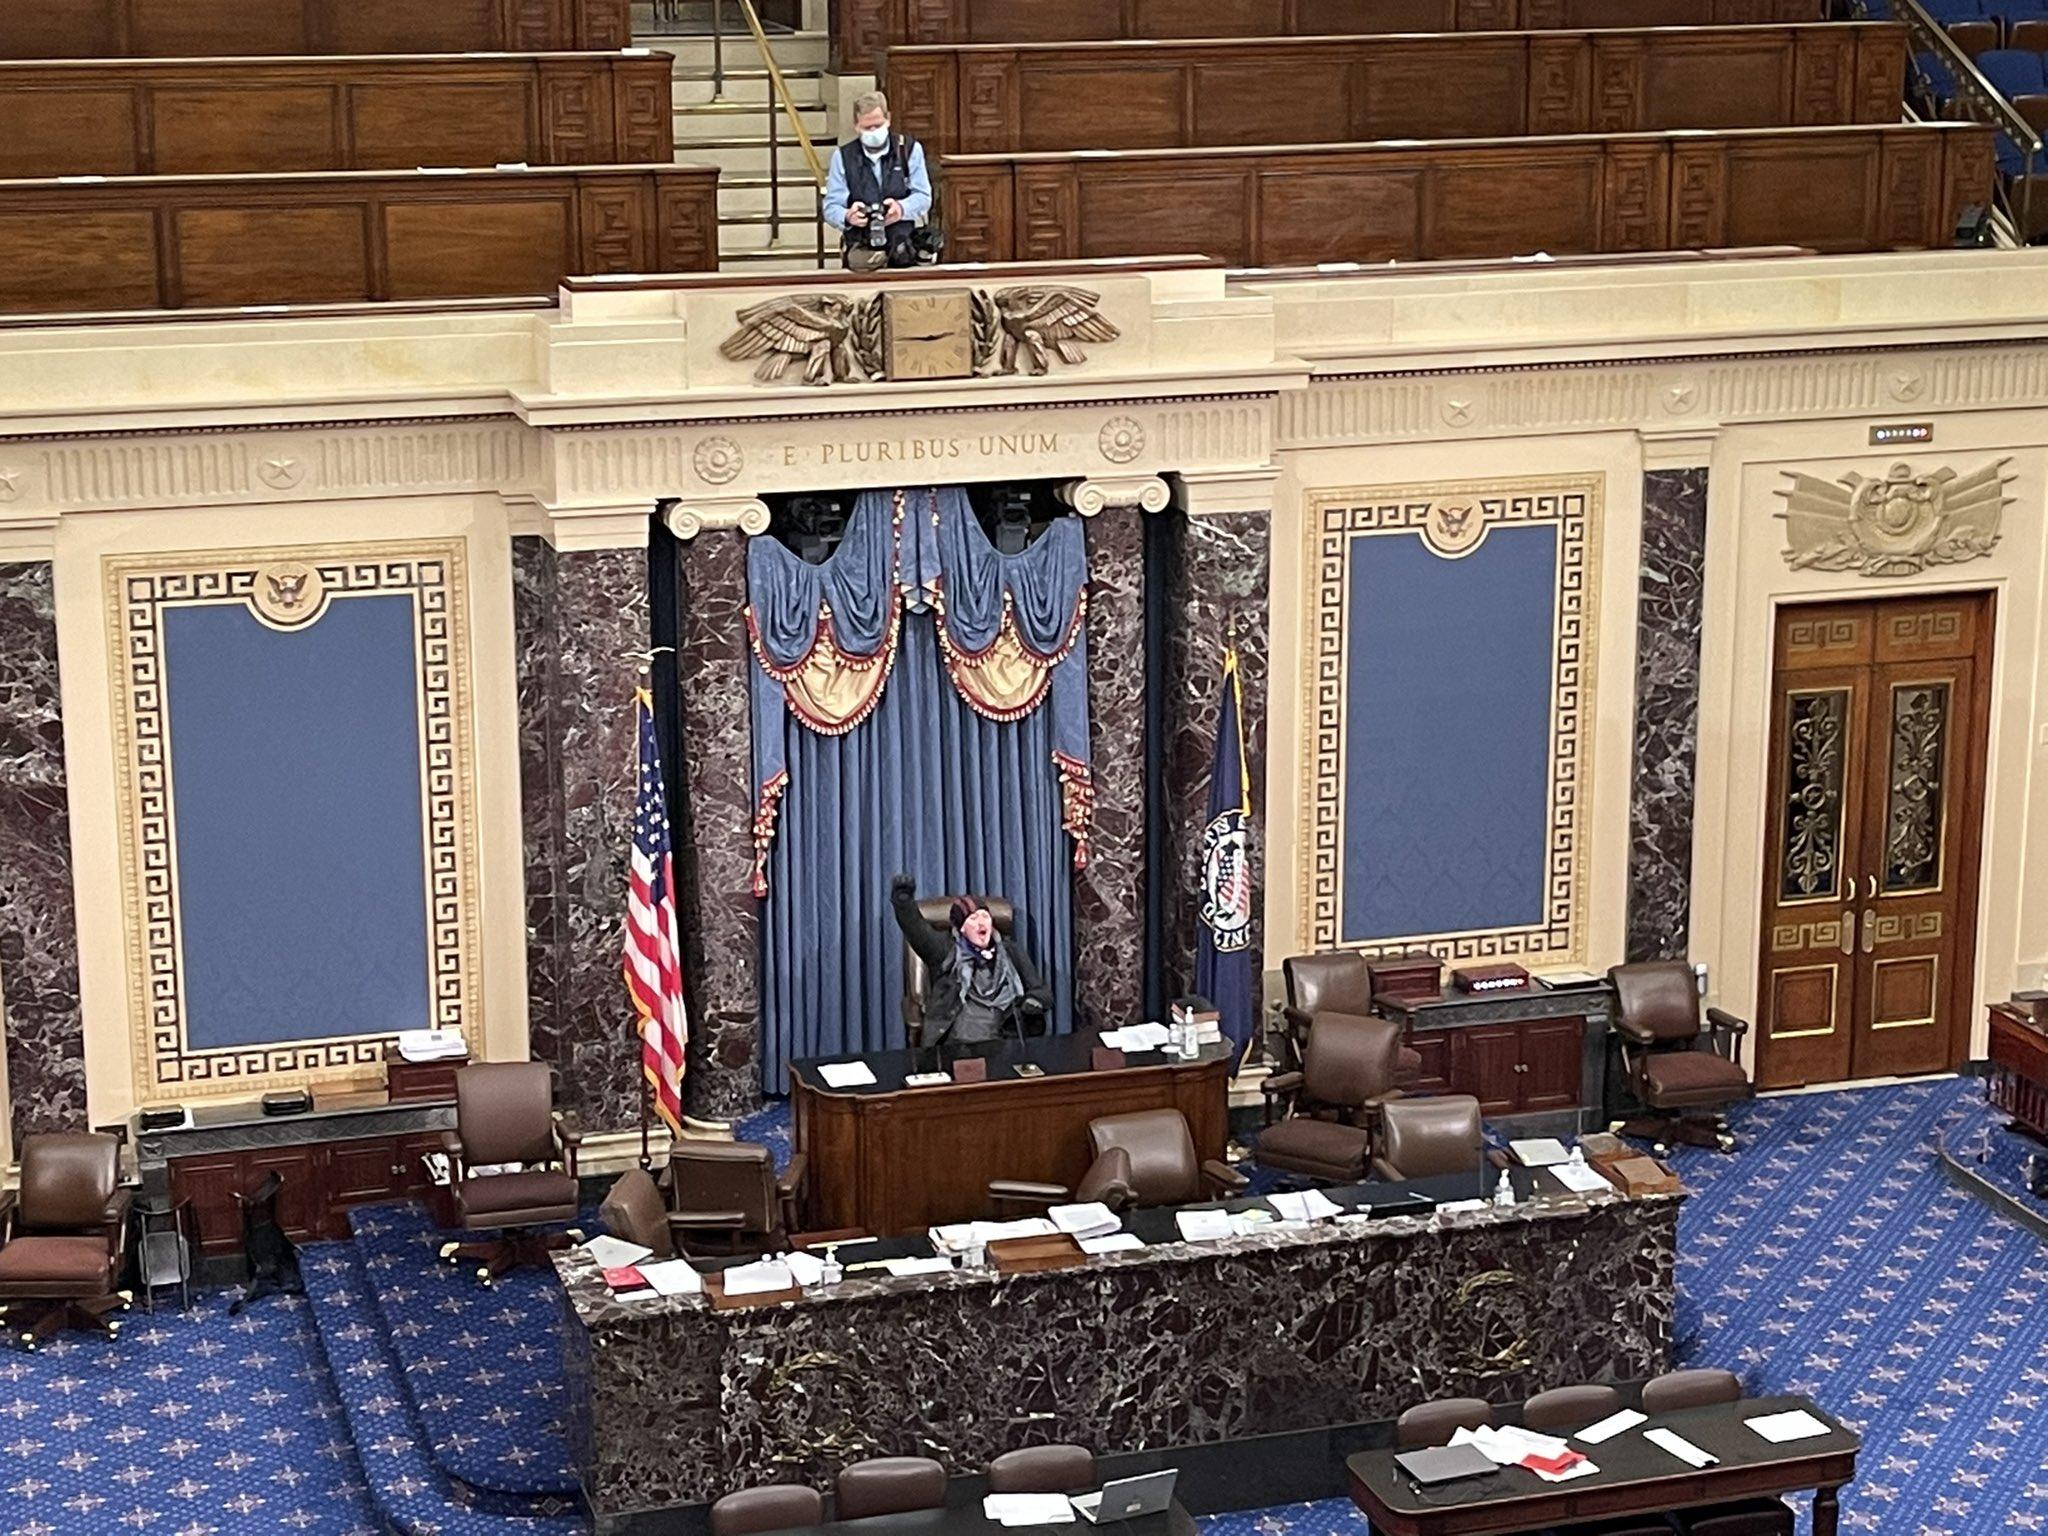 EE.UU.: Simpatizantes de Trump irrumpen violentamente en el Senado durante la certificación de votos de Joe Biden